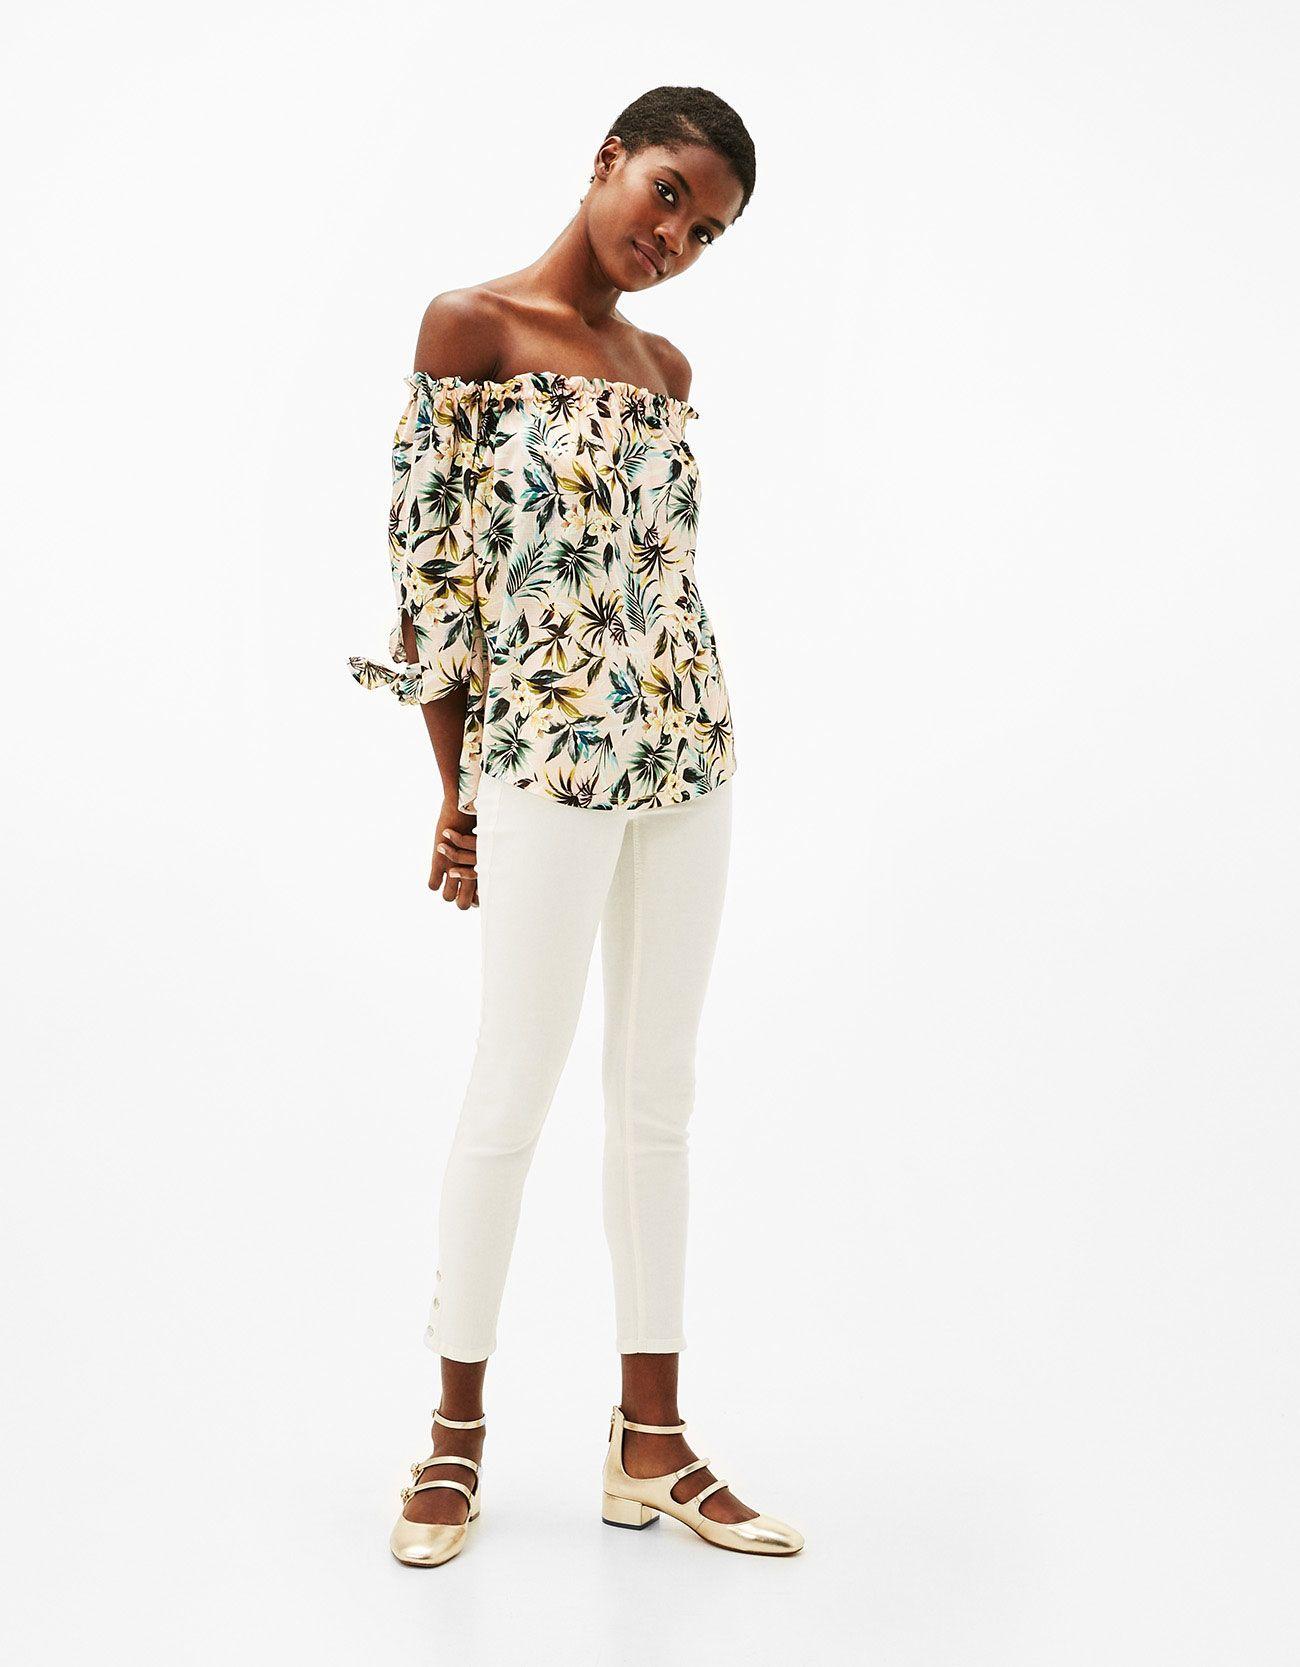 Μπλουζάκι ντεκολτέ χαμόγελο και φιόγκοι. Ανακαλύψτε το μαζί με πολλά άλλα  ρούχα στο Bershka 86f108d2e2d